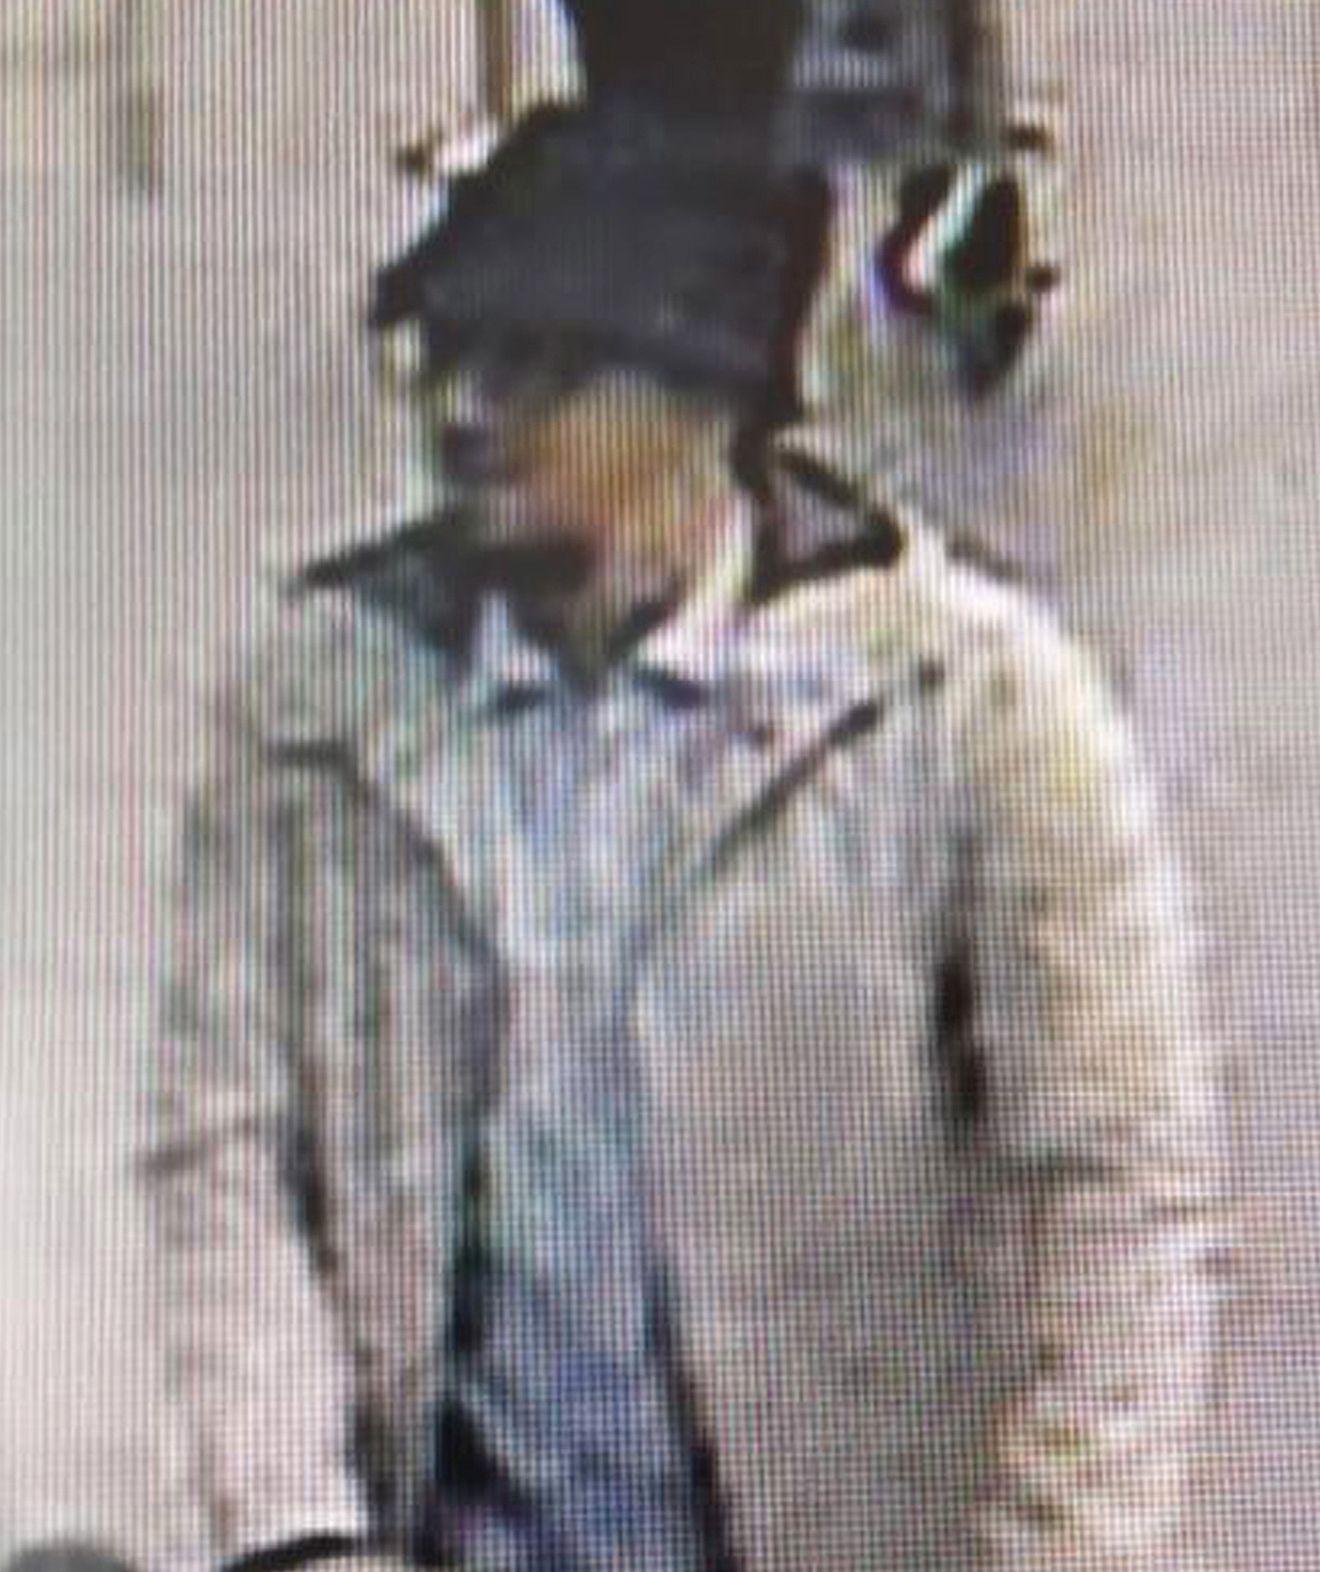 IKKE FUNNET: Mannen med stor hatt og hvit jakke er fortsatt ikke funnet. Politiet har opplyst at de ikke er sikre på hvem han er.